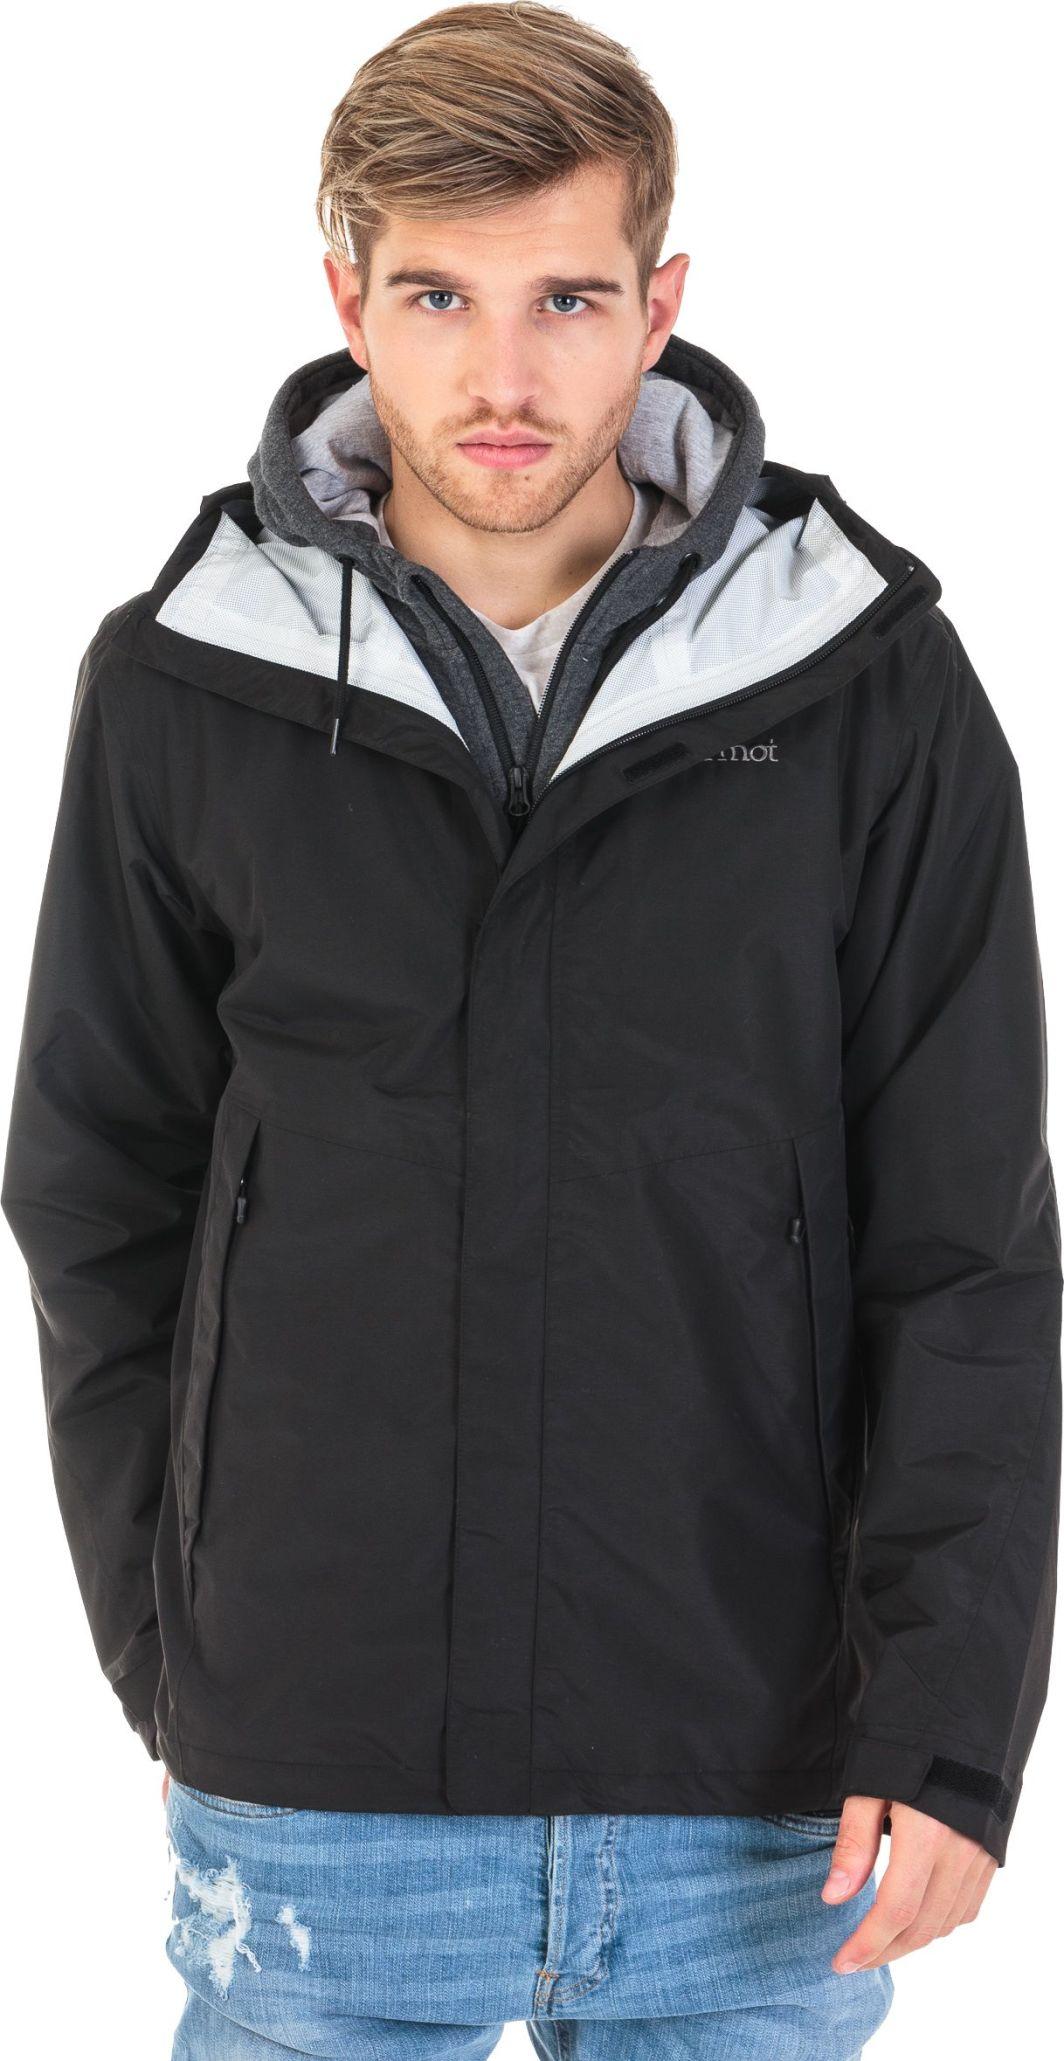 Marmot Kurtka męska Phoenix Jacket Black r. M ID produktu: 4690845